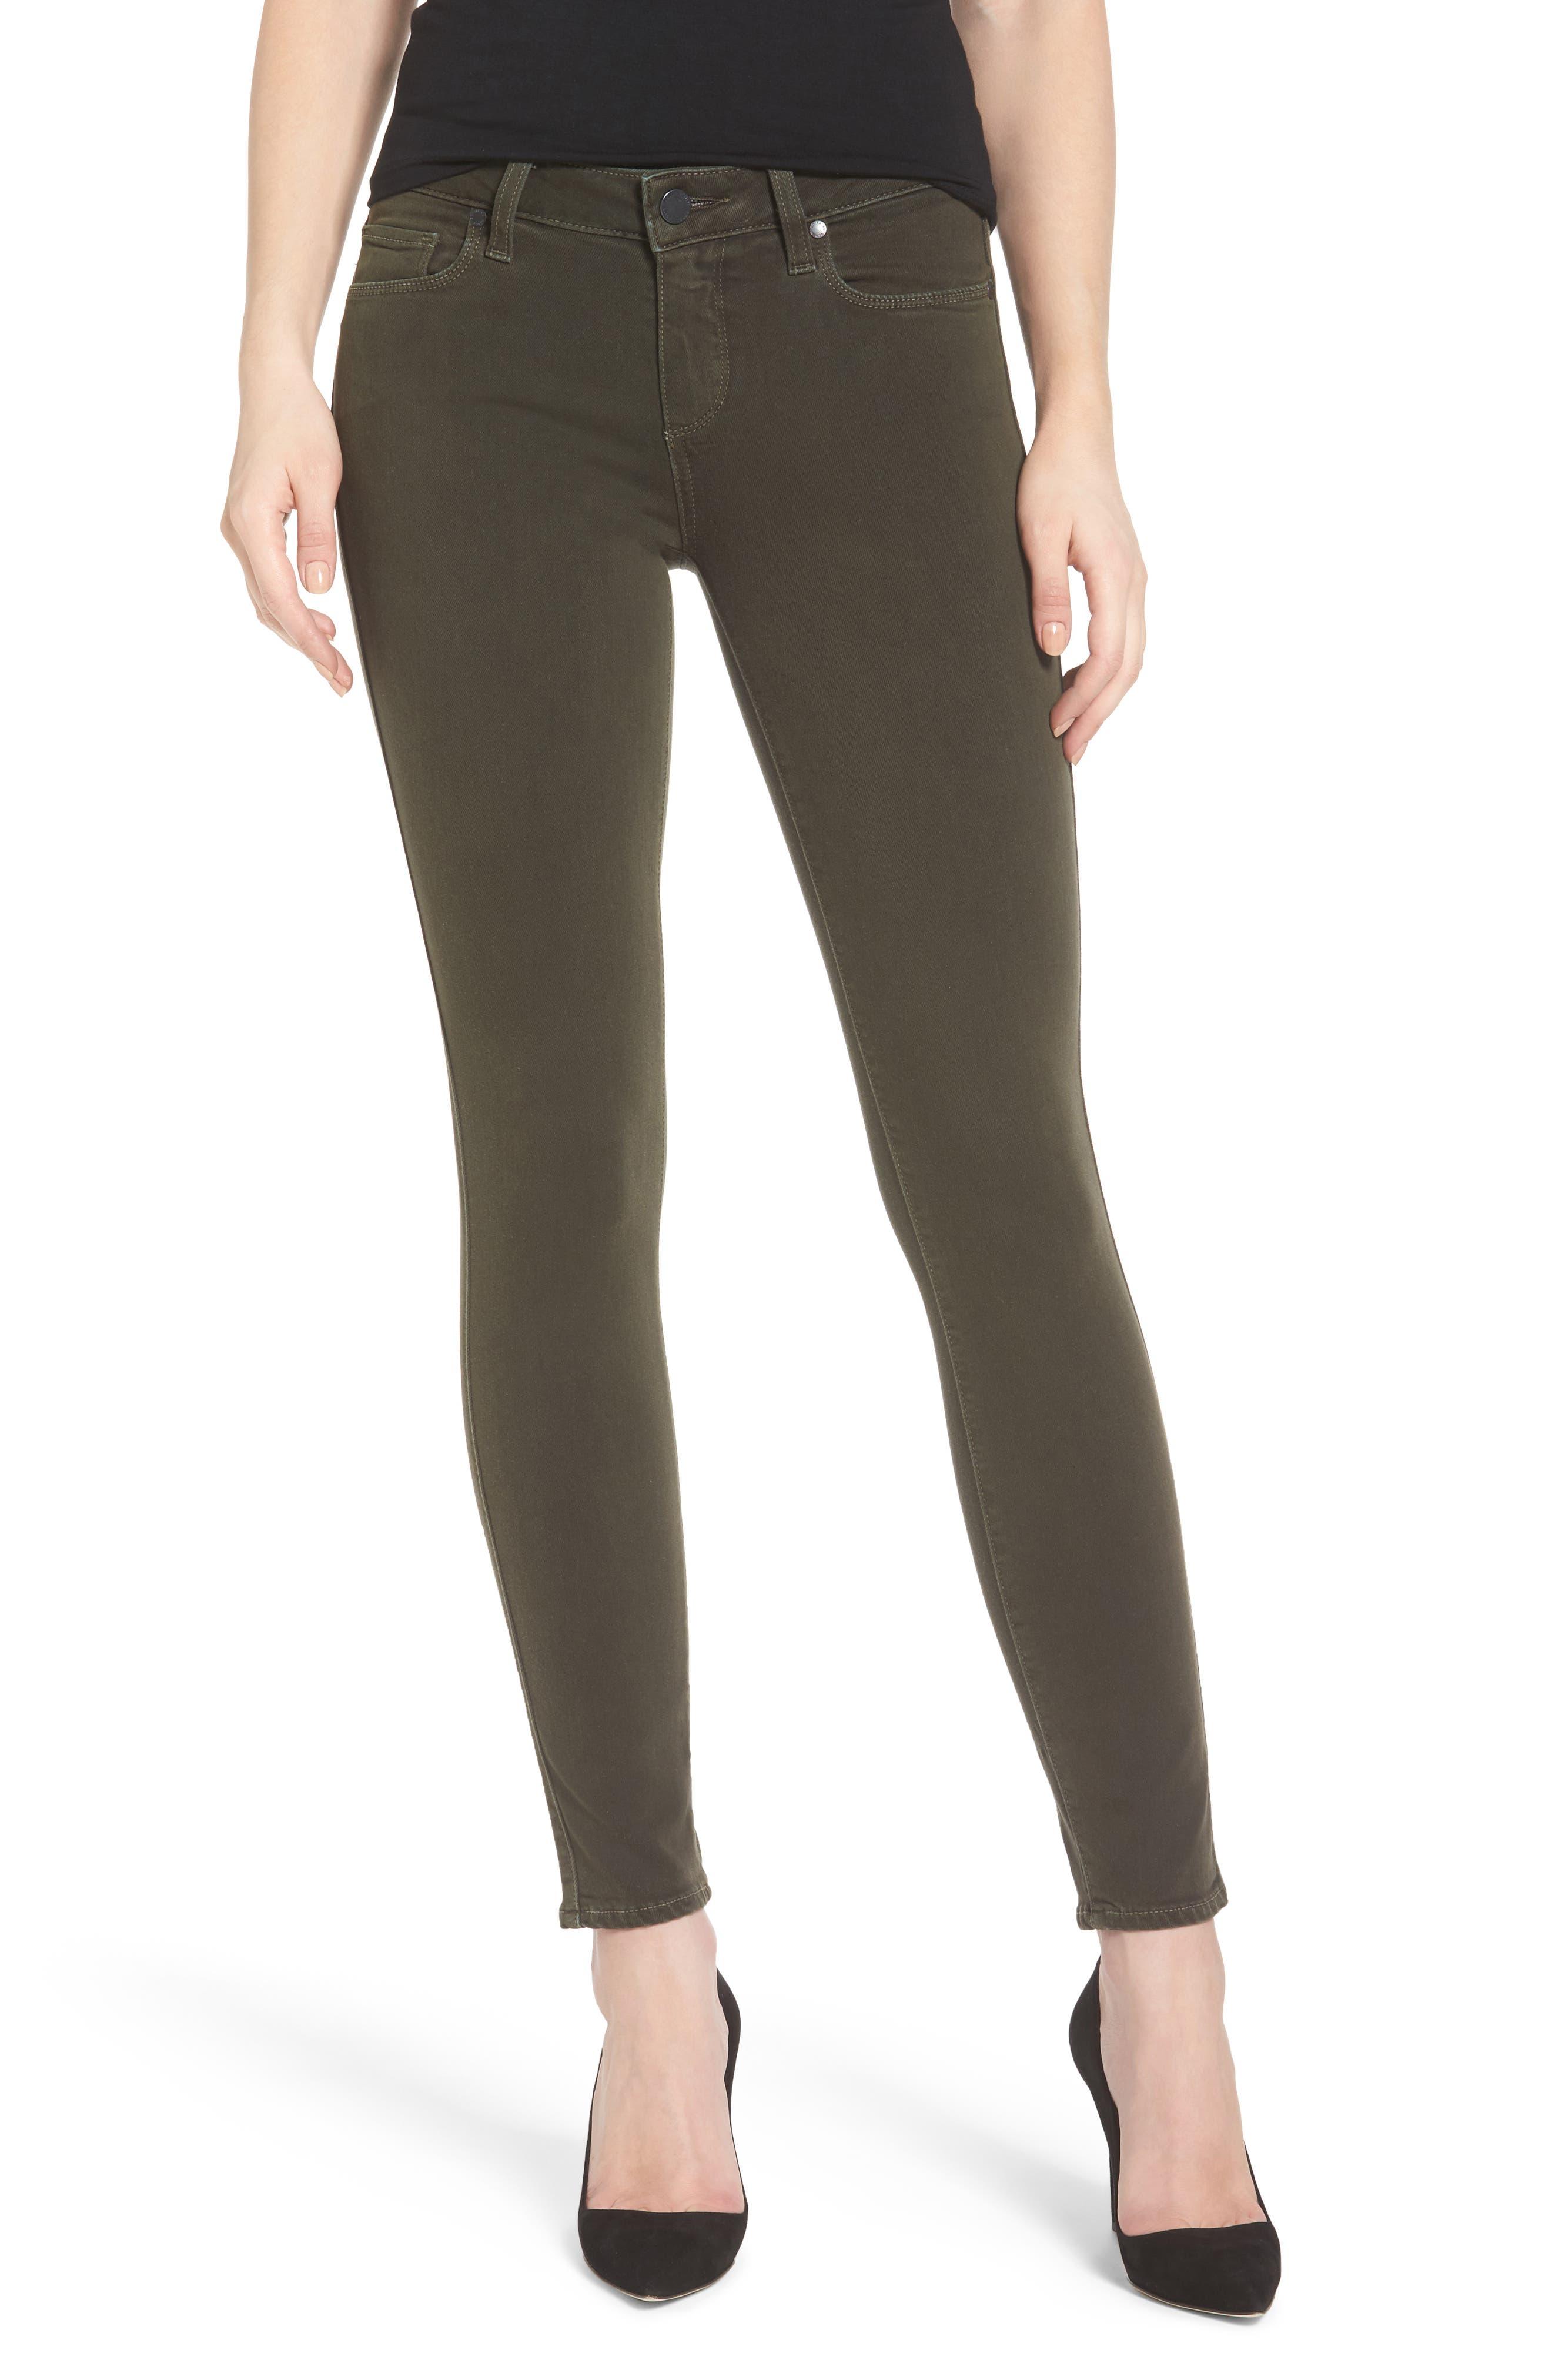 Transcend - Verdugo Ankle Skinny Jeans,                         Main,                         color, Deep Juniper